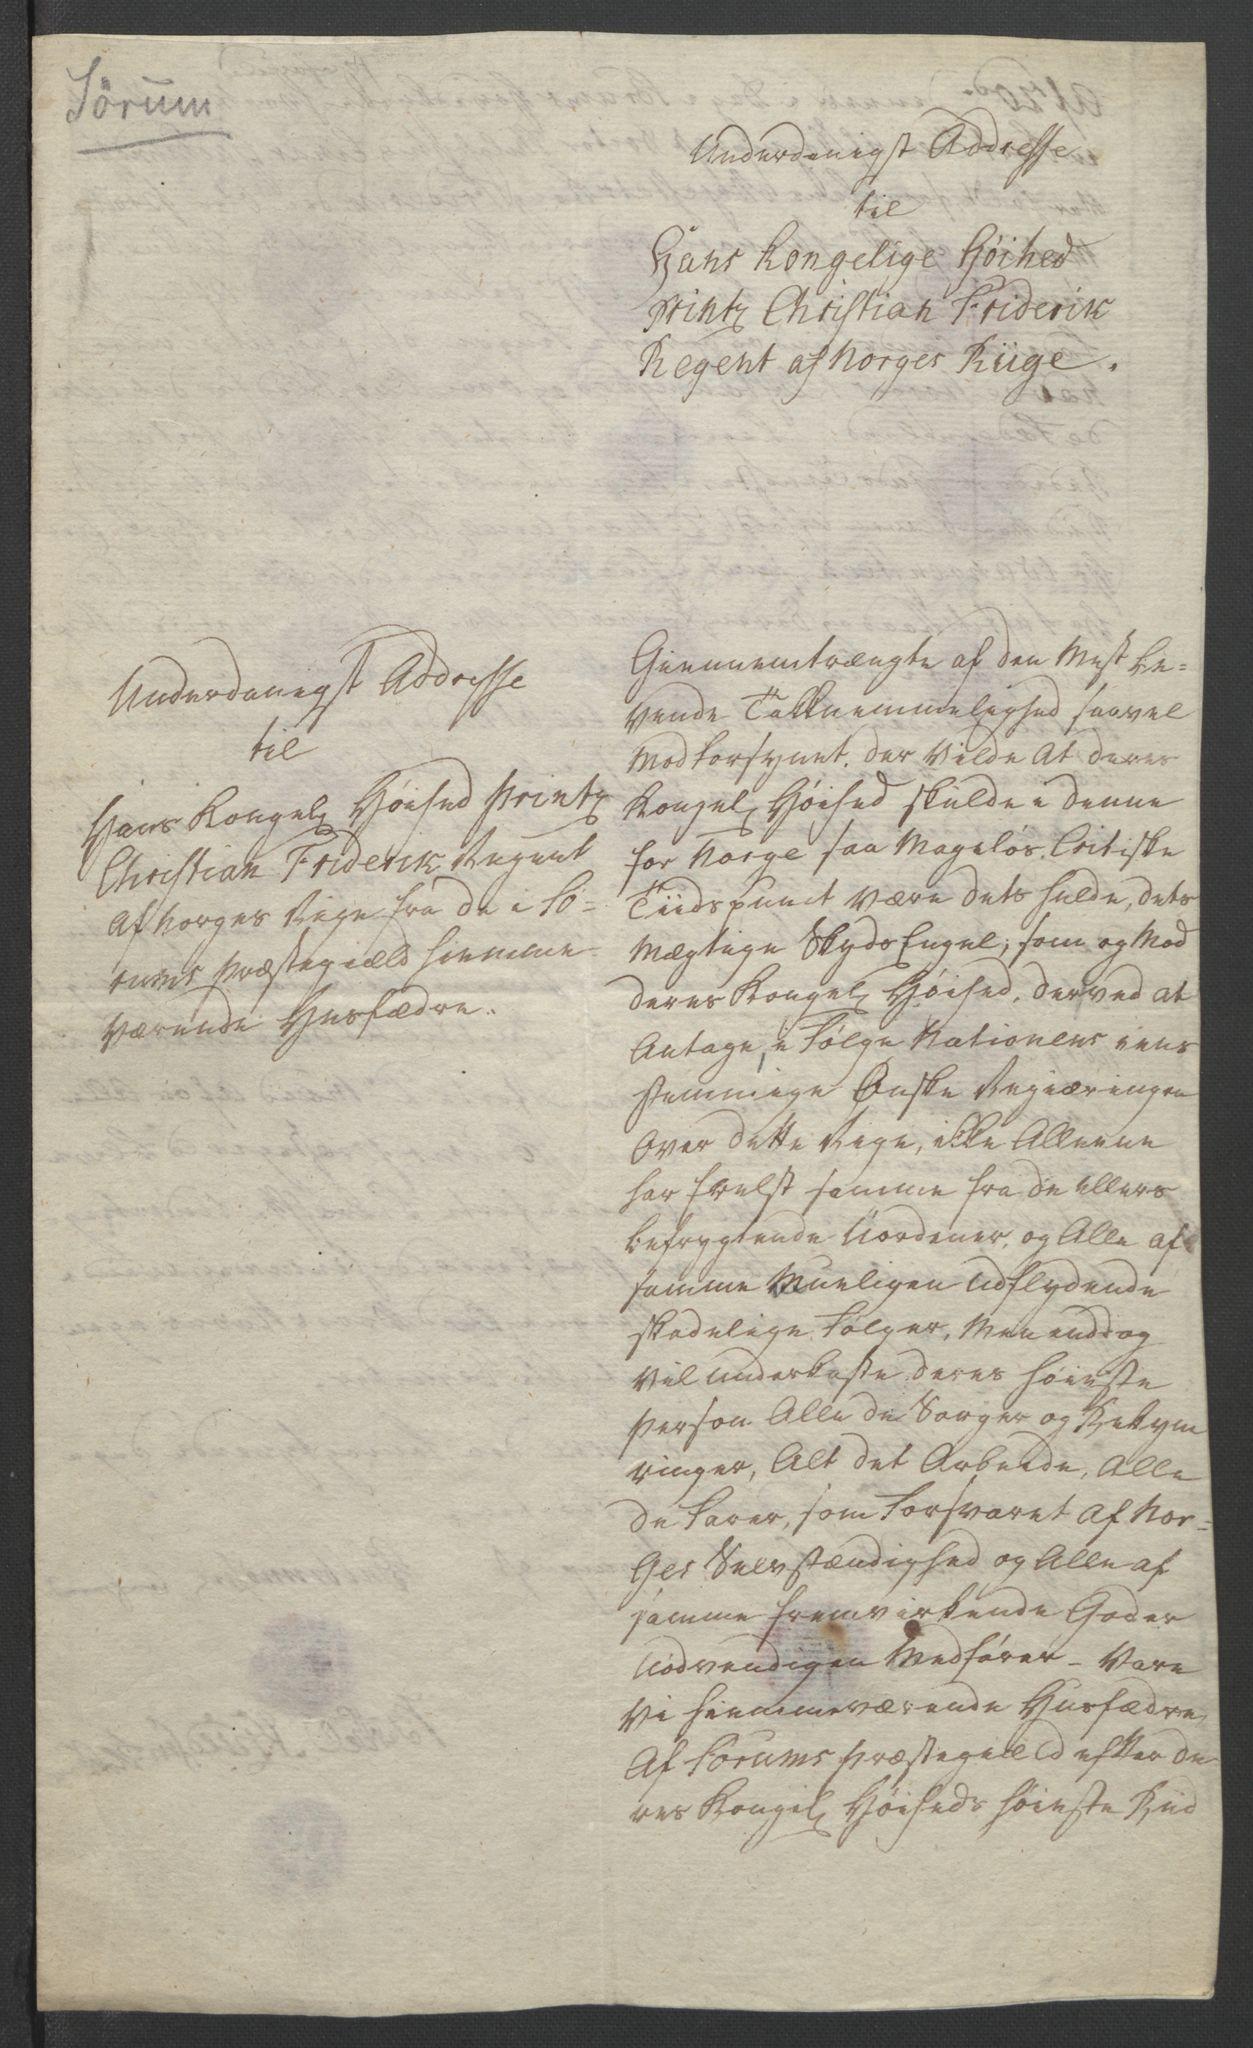 RA, Statsrådssekretariatet, D/Db/L0007: Fullmakter for Eidsvollsrepresentantene i 1814. , 1814, s. 204